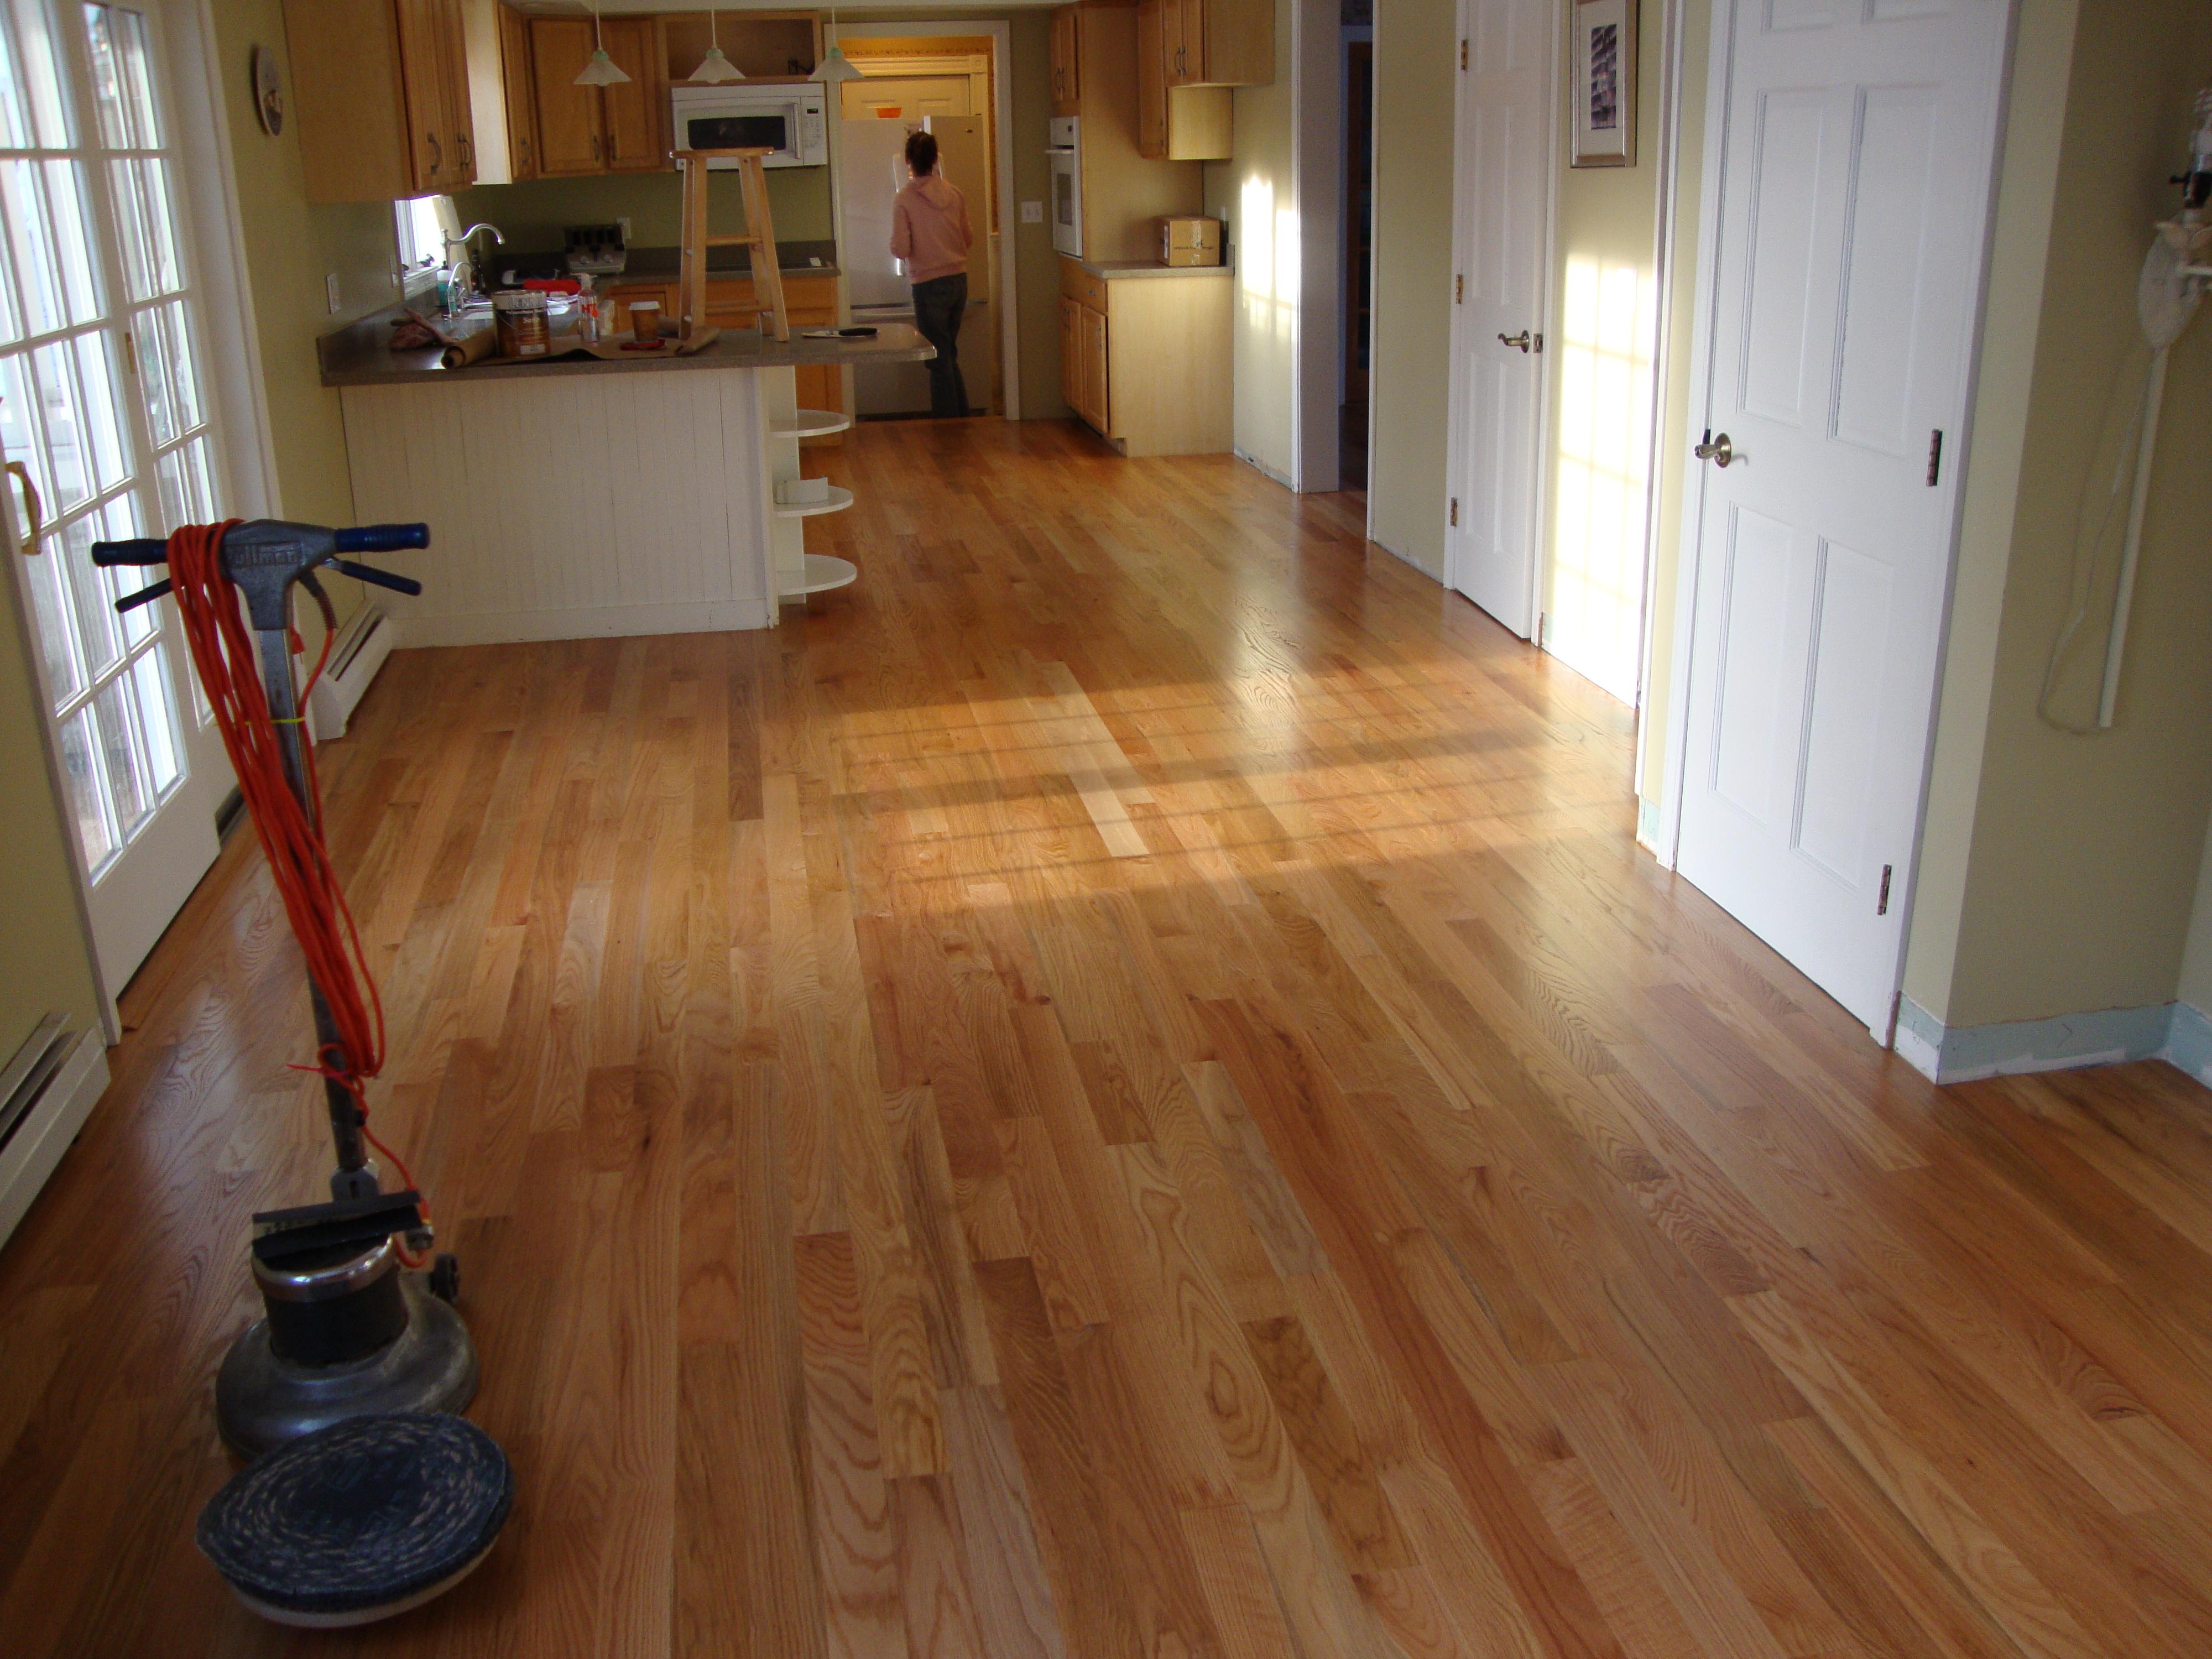 Red oak hardwood flooring hardwood floors red oak hardwood floor gallery cfc red oak wood flooring FPVASCY